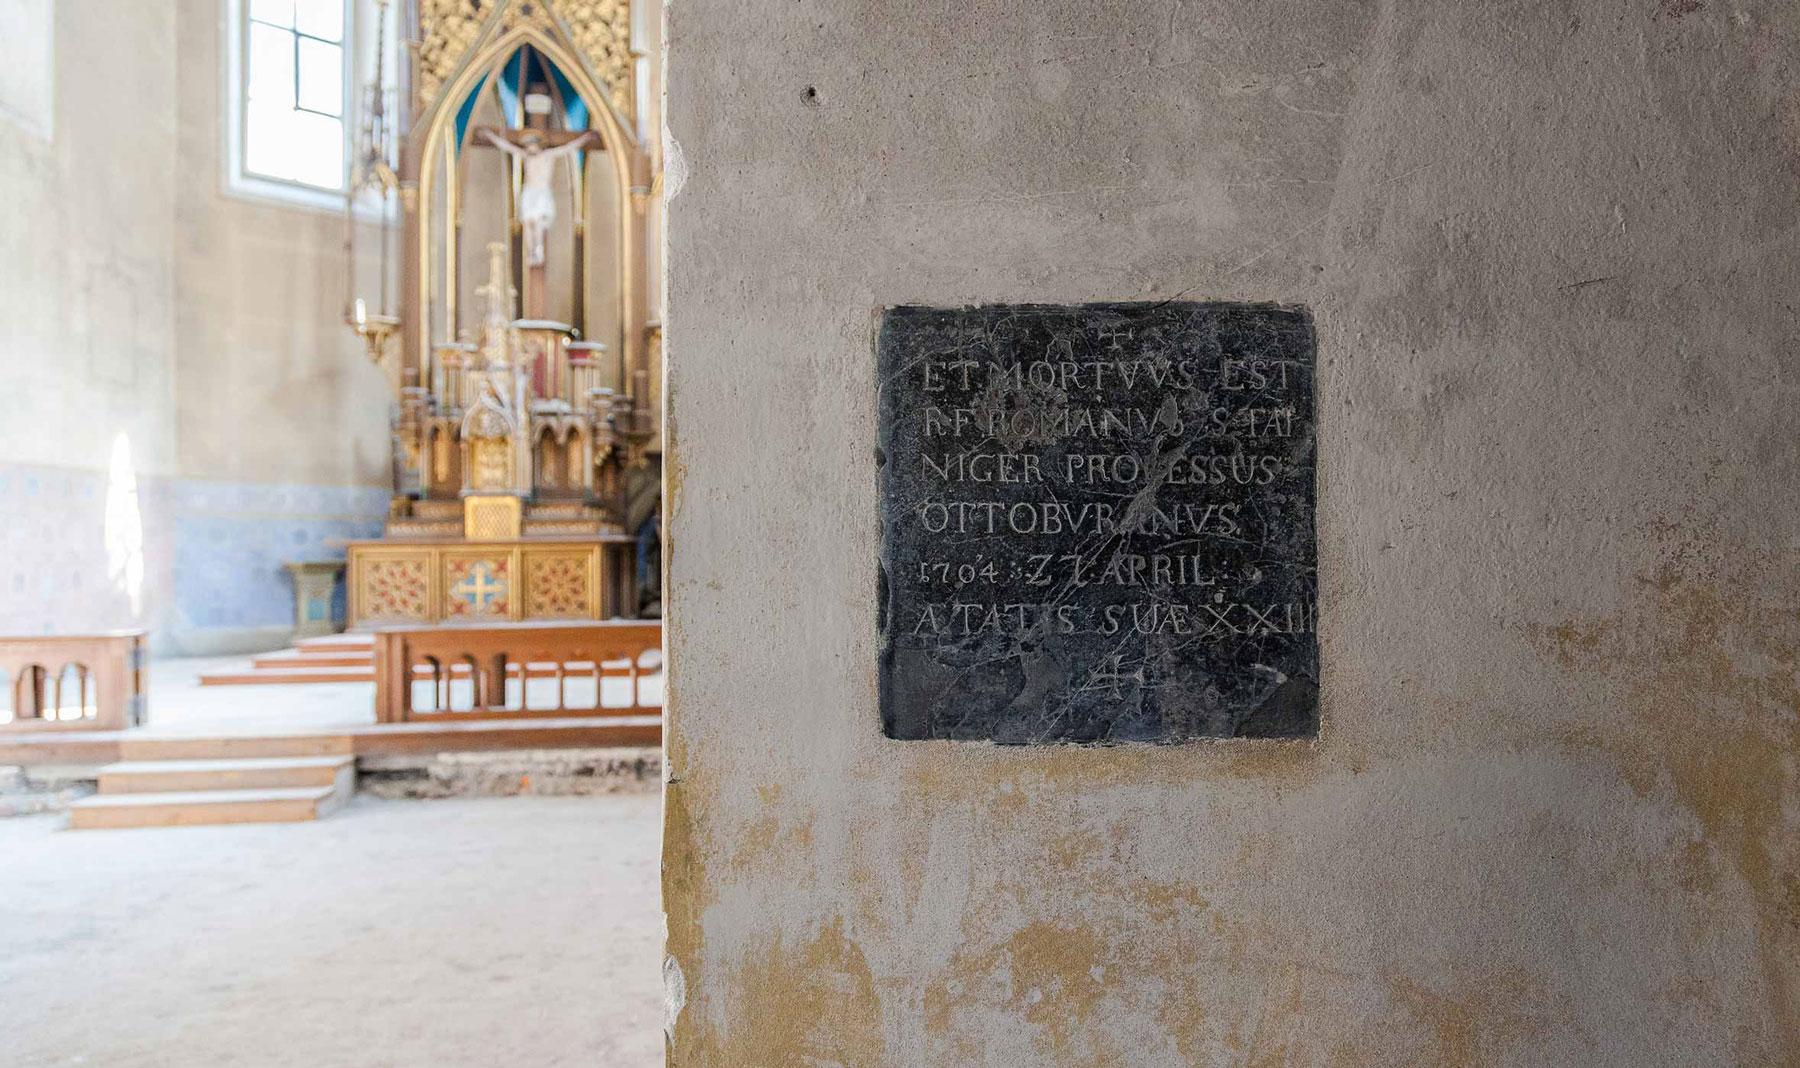 Grabtafel eines Mönchs von Ottobeuren